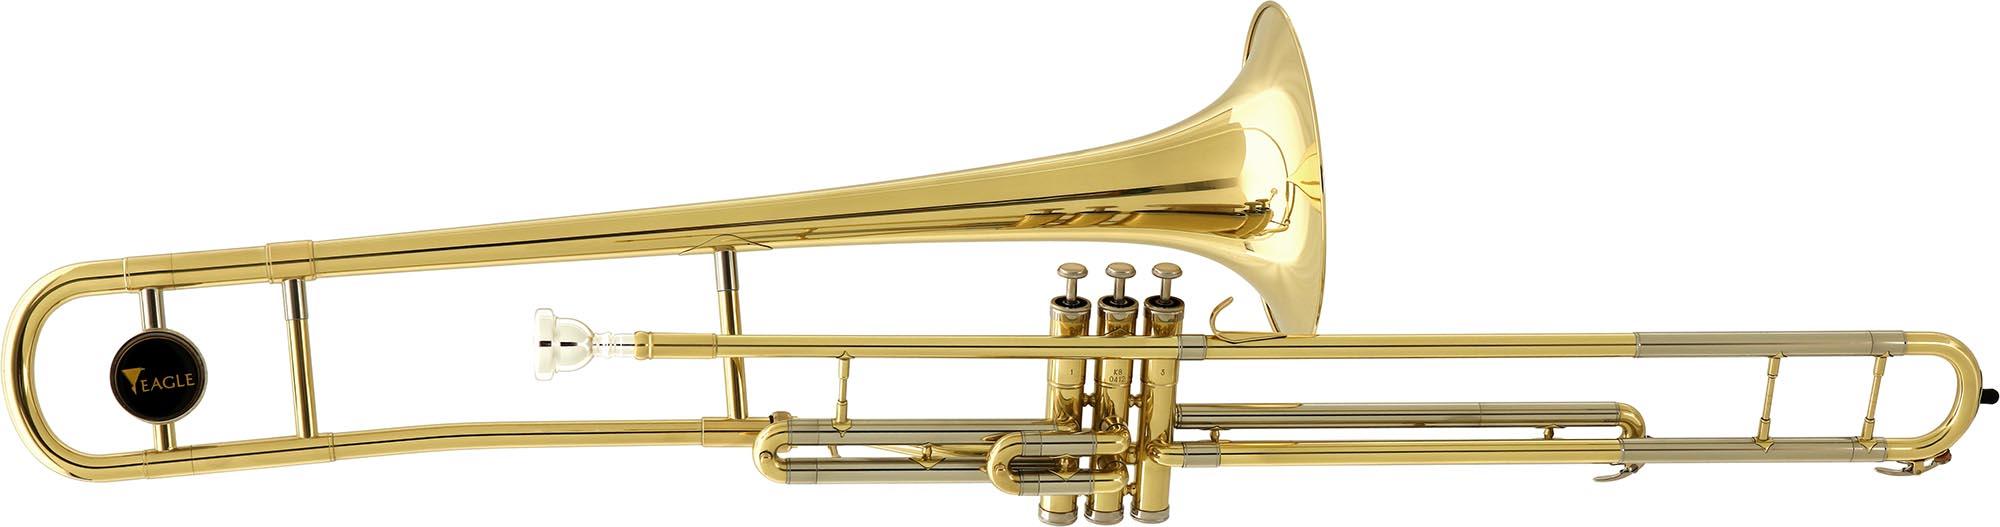 tv602 trombone de pisto longo eagle tv602 laqueado